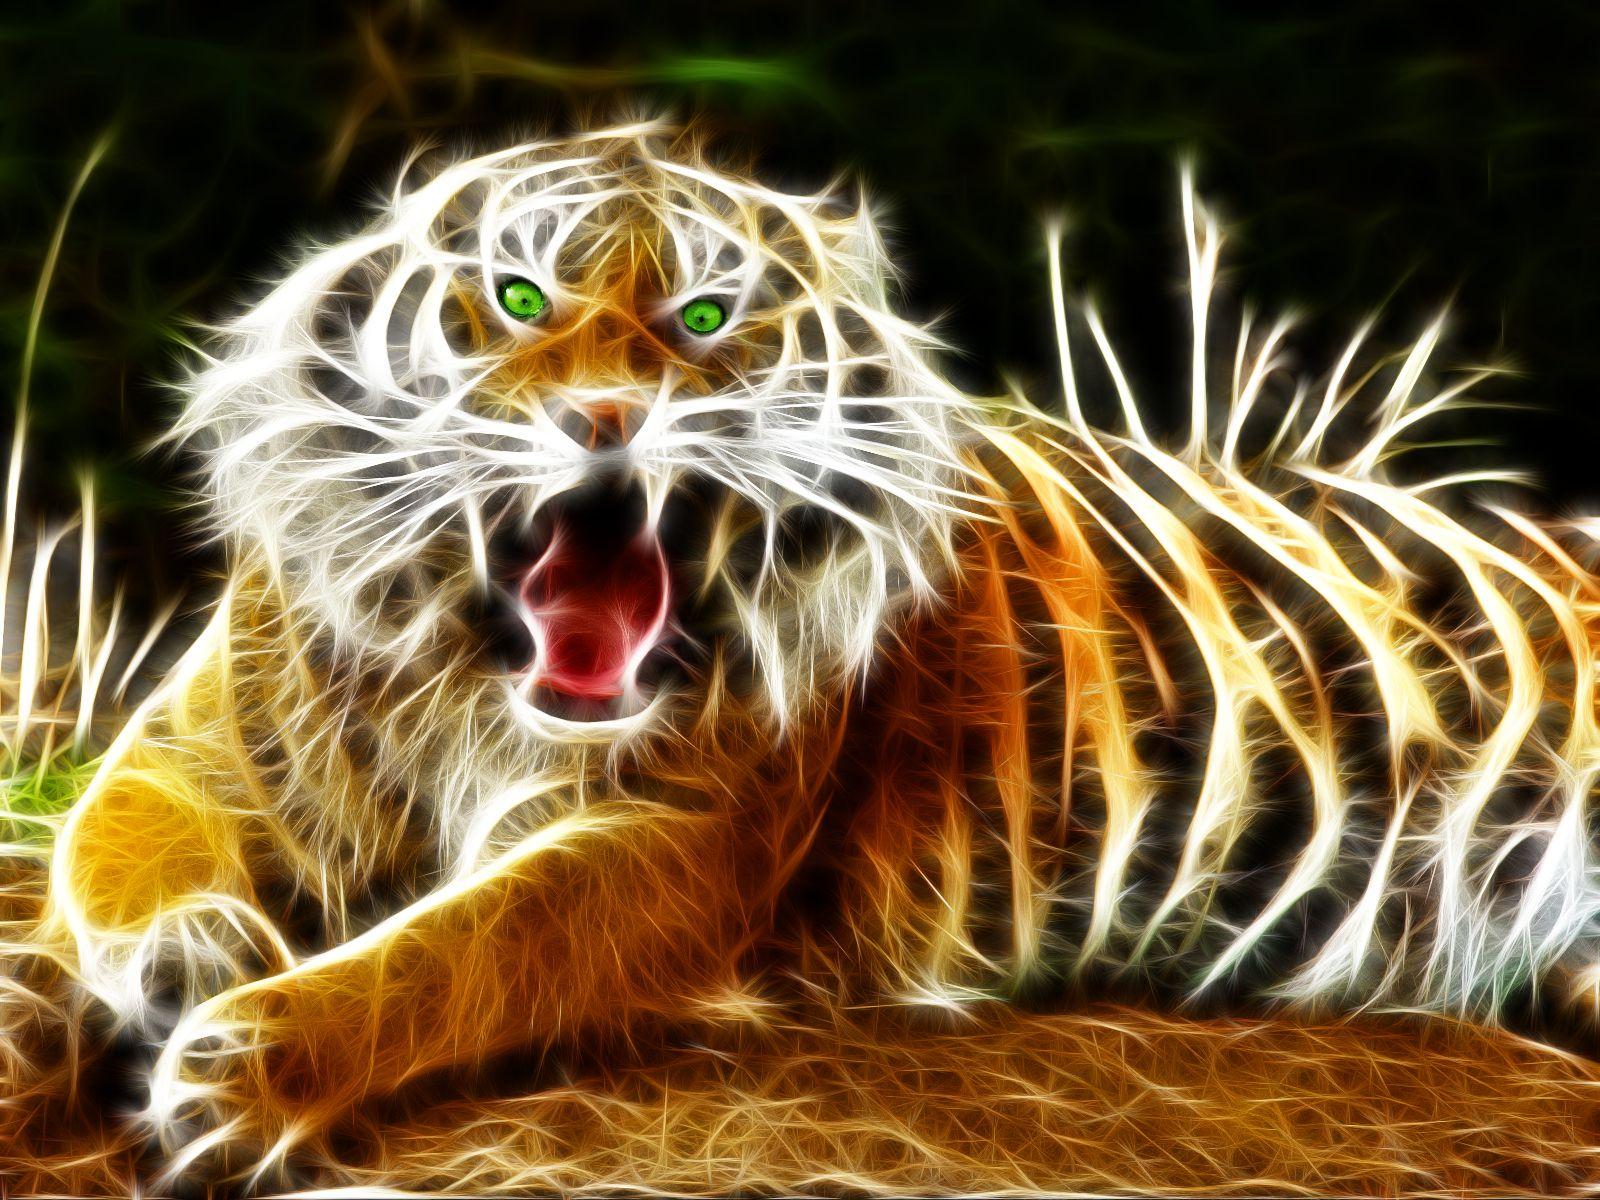 Tigre 3d 1920x1080 Fonds D Ecran Hd